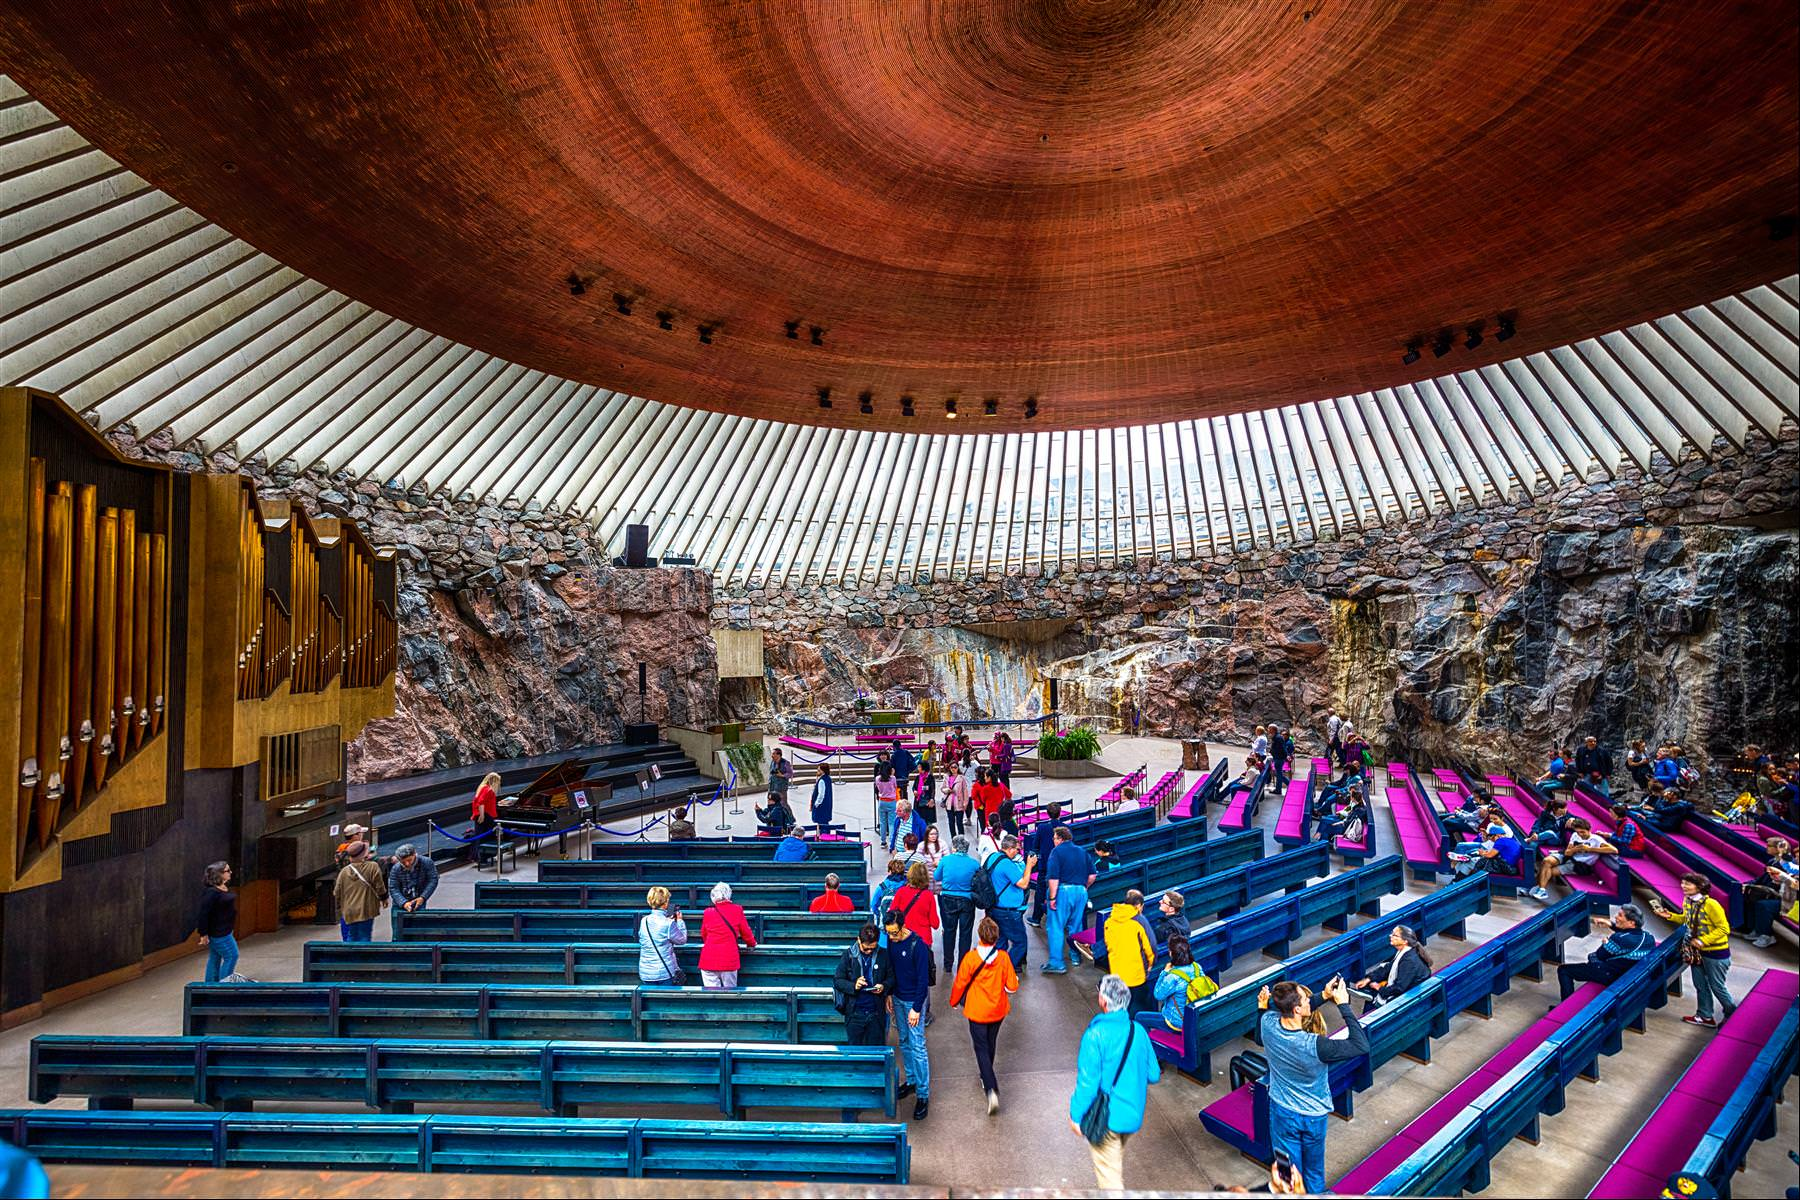 岩石教堂 rock church